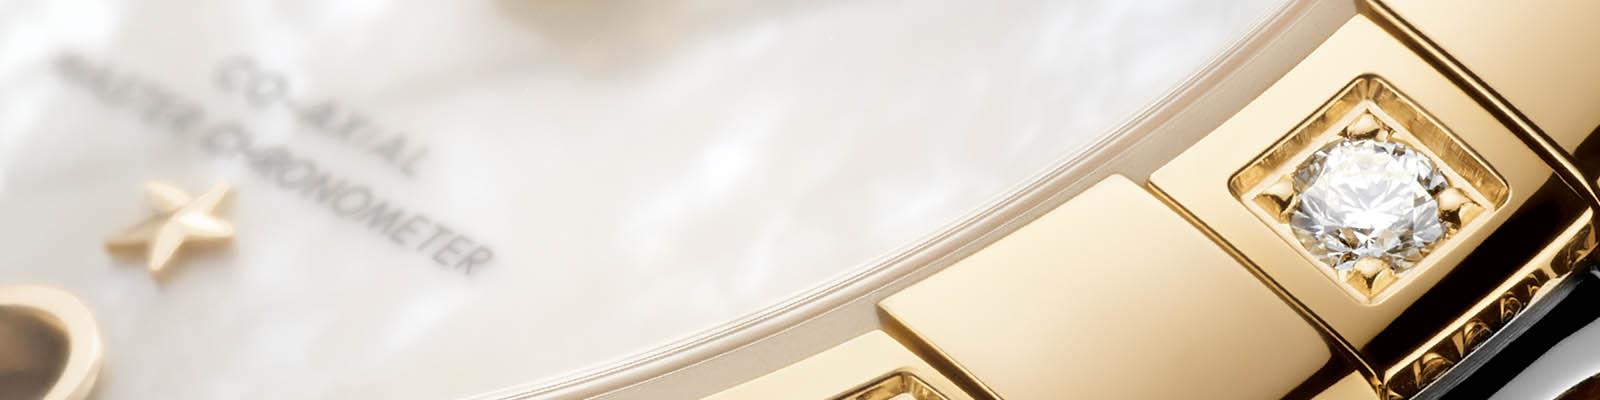 星座系列曼哈顿腕表 - 背景